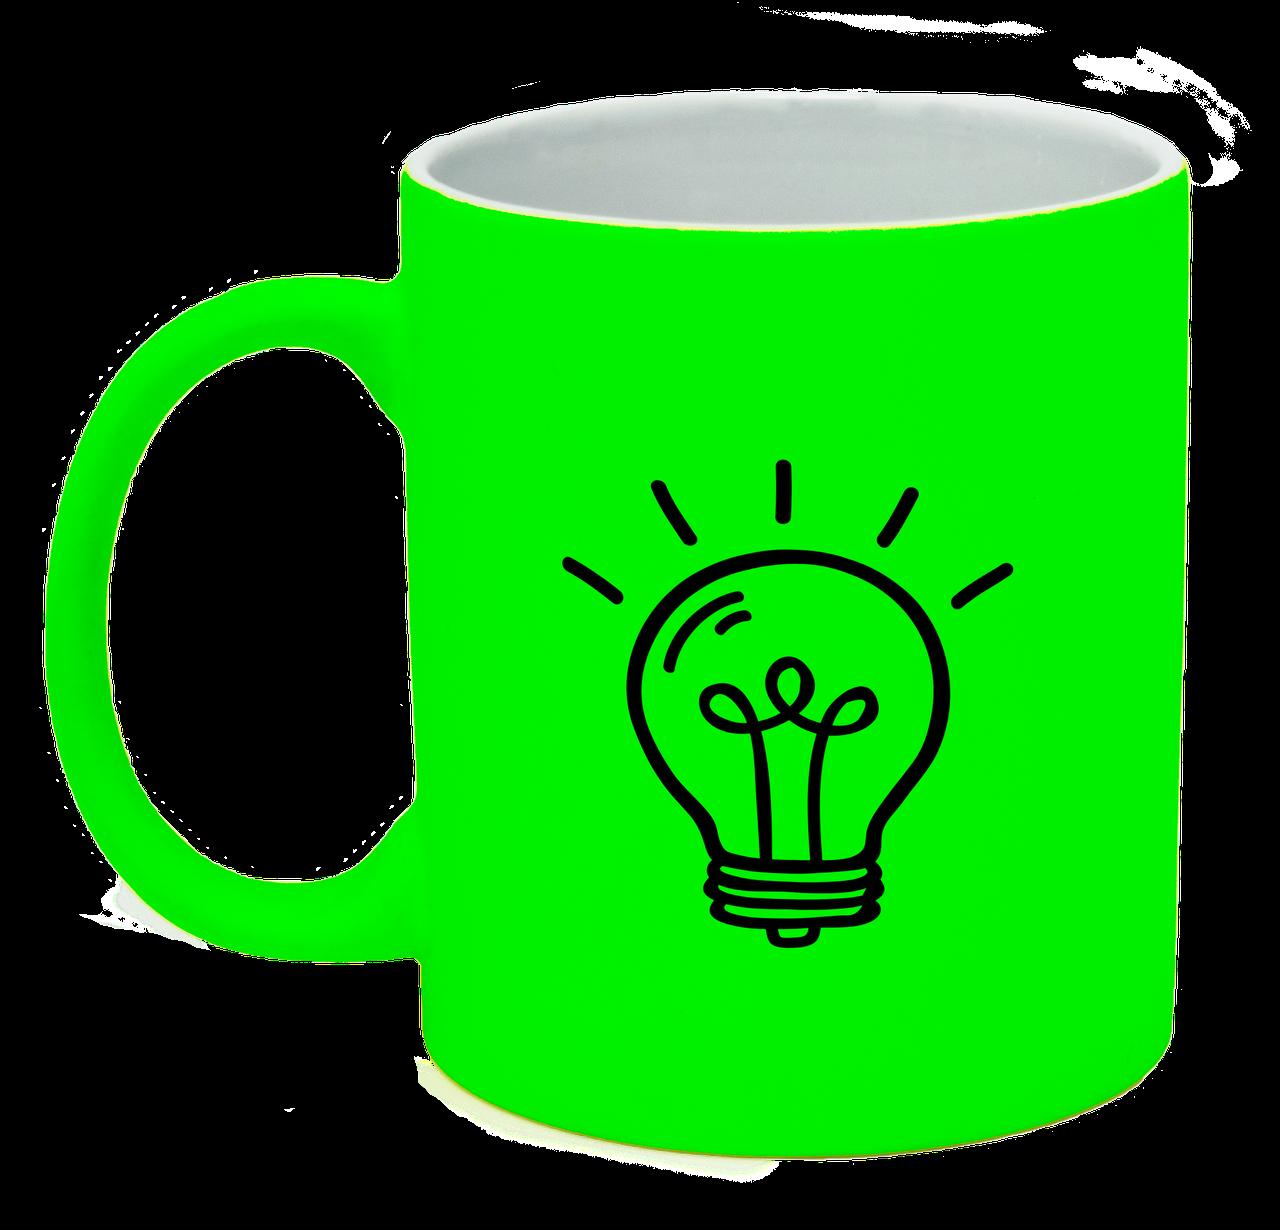 Неоновая матовая чашка Лампочка, ярко-зеленая